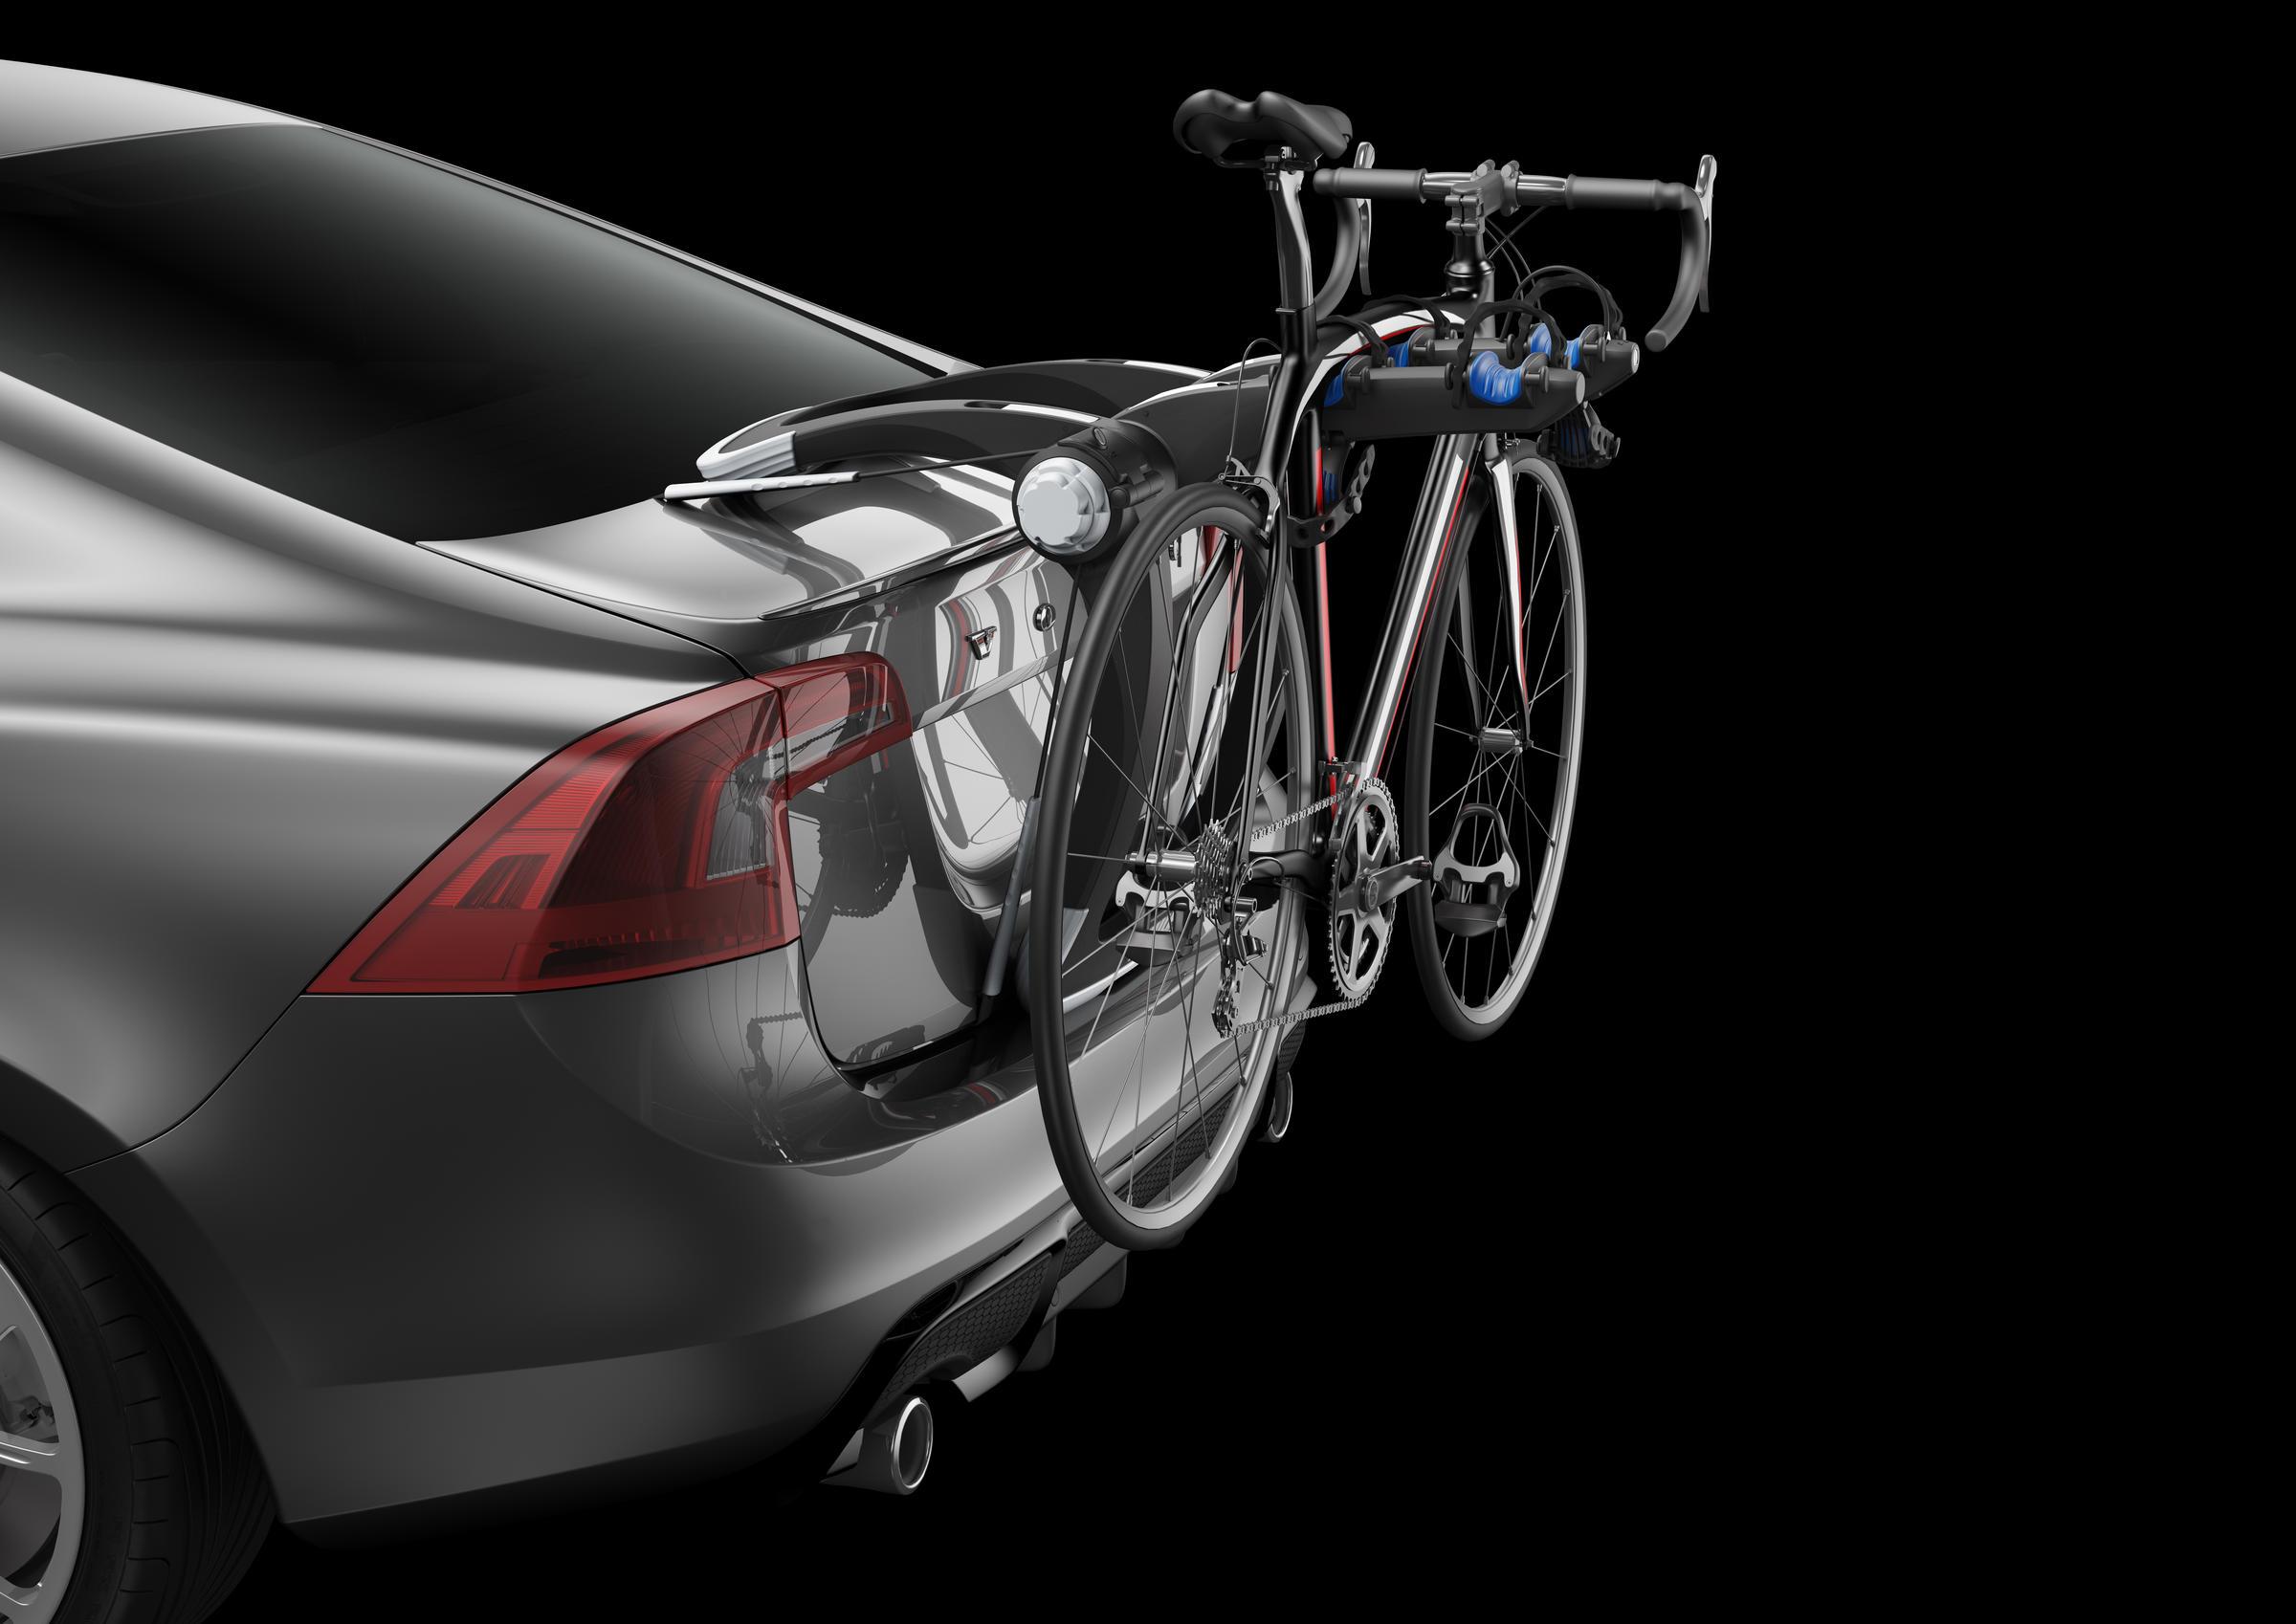 raceway trunk rack 2 bike